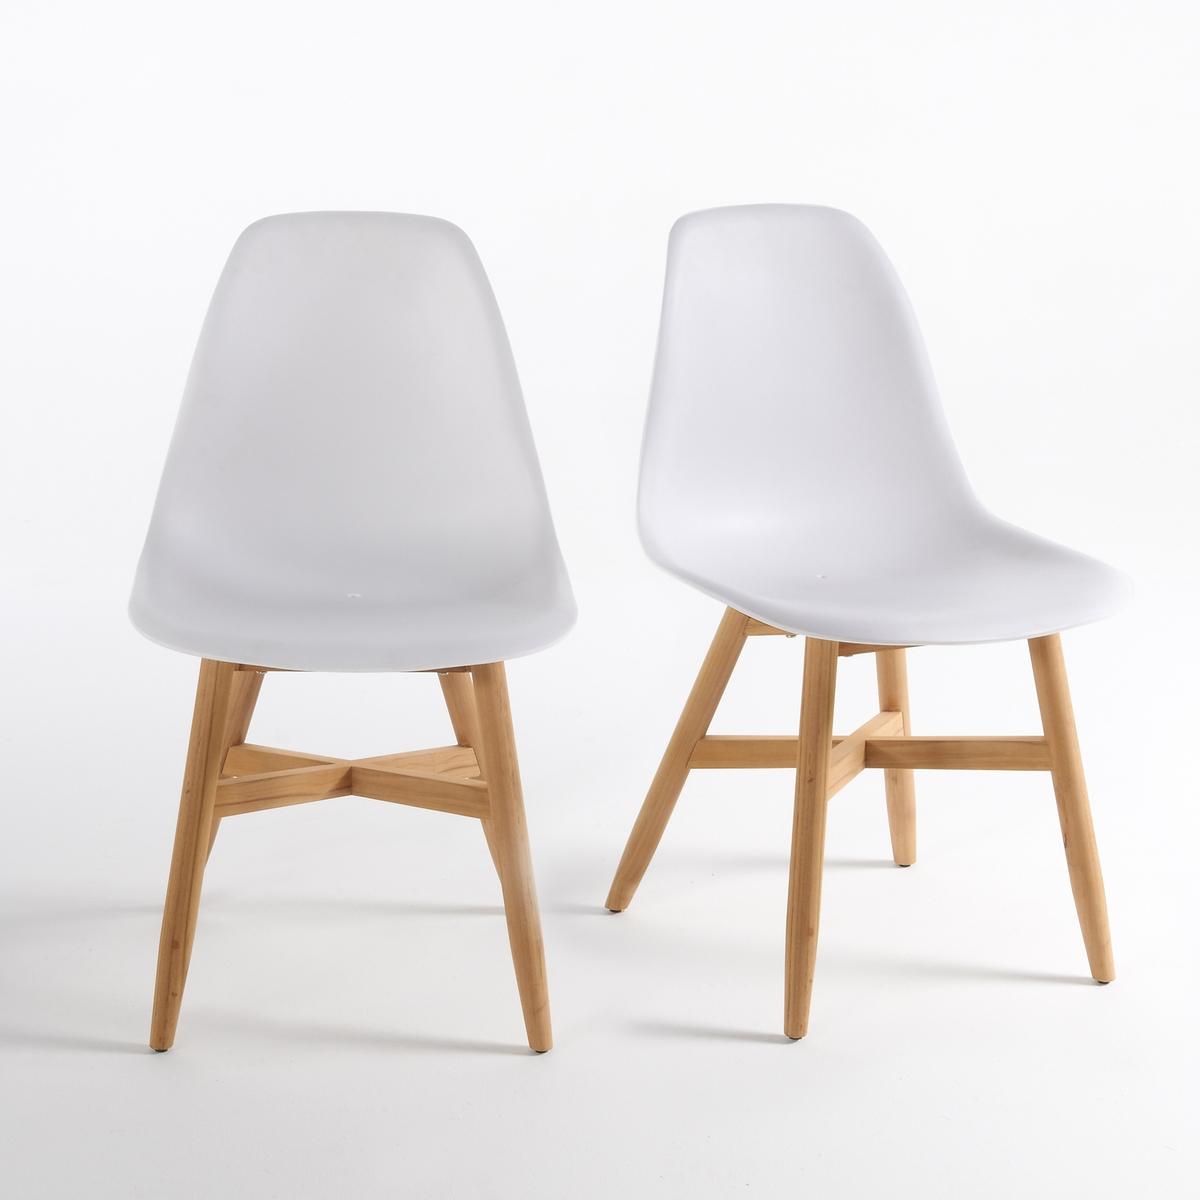 Комплект из 2 стульев для сада с сиденьем в форме раковины, JimiХарактеристики стульев для сада в форме раковины Jimi :Сиденье из полипропилена .Расширяющиеся ножки из тика FSC®*, с натуральной отделкой .Всю коллекцию садовой мебели, а также кресла Jimi вы можете найти на сайте laredoute.ruРазмеры стульев для сада Jimi :Общие размерыДлина : 46 смВысота : 82 смГлубина : 40 смСиденье : Ш.41,5 x Г.47 см Размеры и вес упаковки :1 упаковка :60 x 56 x В.51 см 9 кгДоставка:Товар продается готовым к сборке.Возможна доставка до двери по предварительной договоренности.Внимание! Убедитесь, что возможно осуществить доставку товара, учитывая его габариты (проходит в дверные проемы, лестничные проходы, лифты).*Ярлык FSC - Международный Лесной попечительский совет- гарантирует бережное использование природных ресурсов, сохранение биологического разнообразия и местных видов ® 1996 FSC.<br><br>Цвет: белый,черный